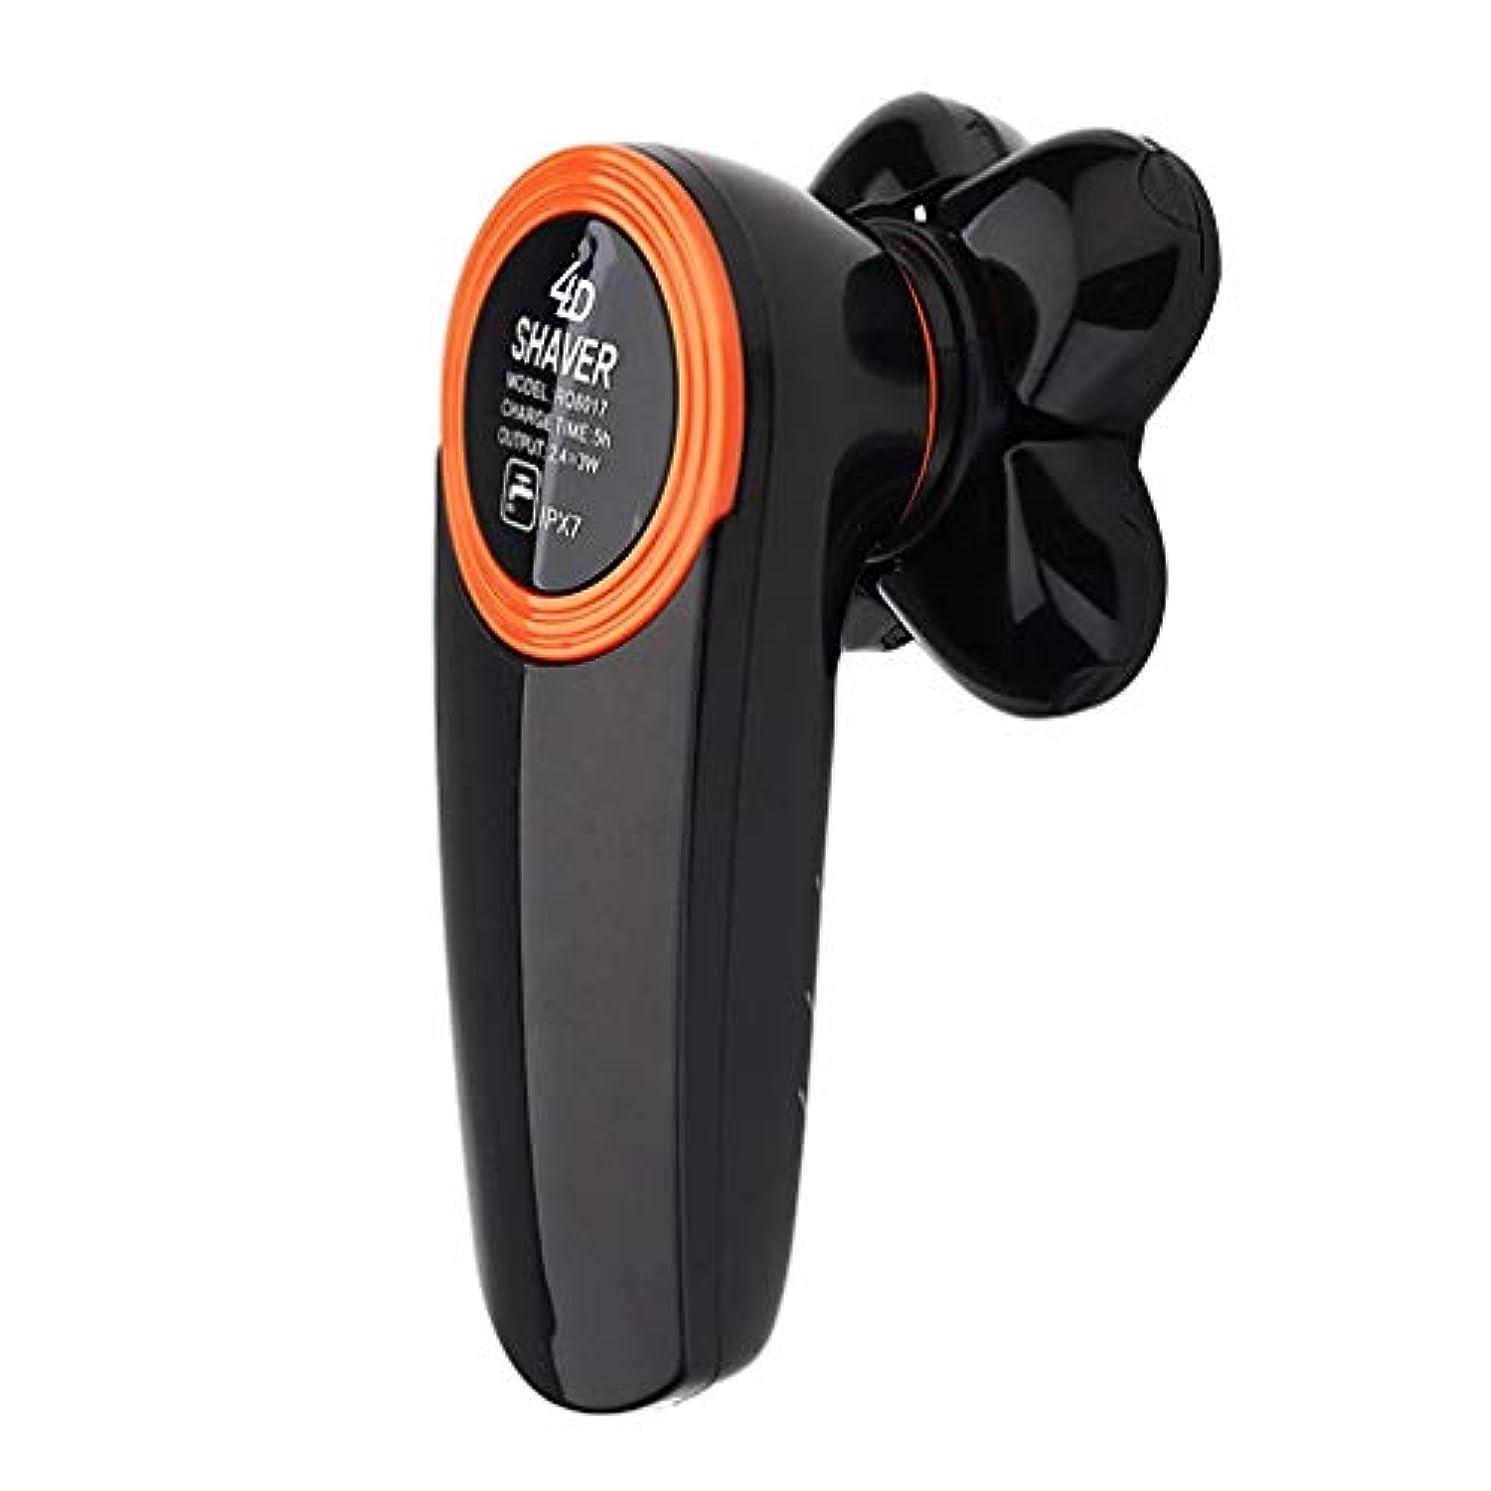 彼の関係ないペフ剃っ機械五ヘッド電気シェーバー充電式防水セルフケア光学ヘッドシェービングナイフ